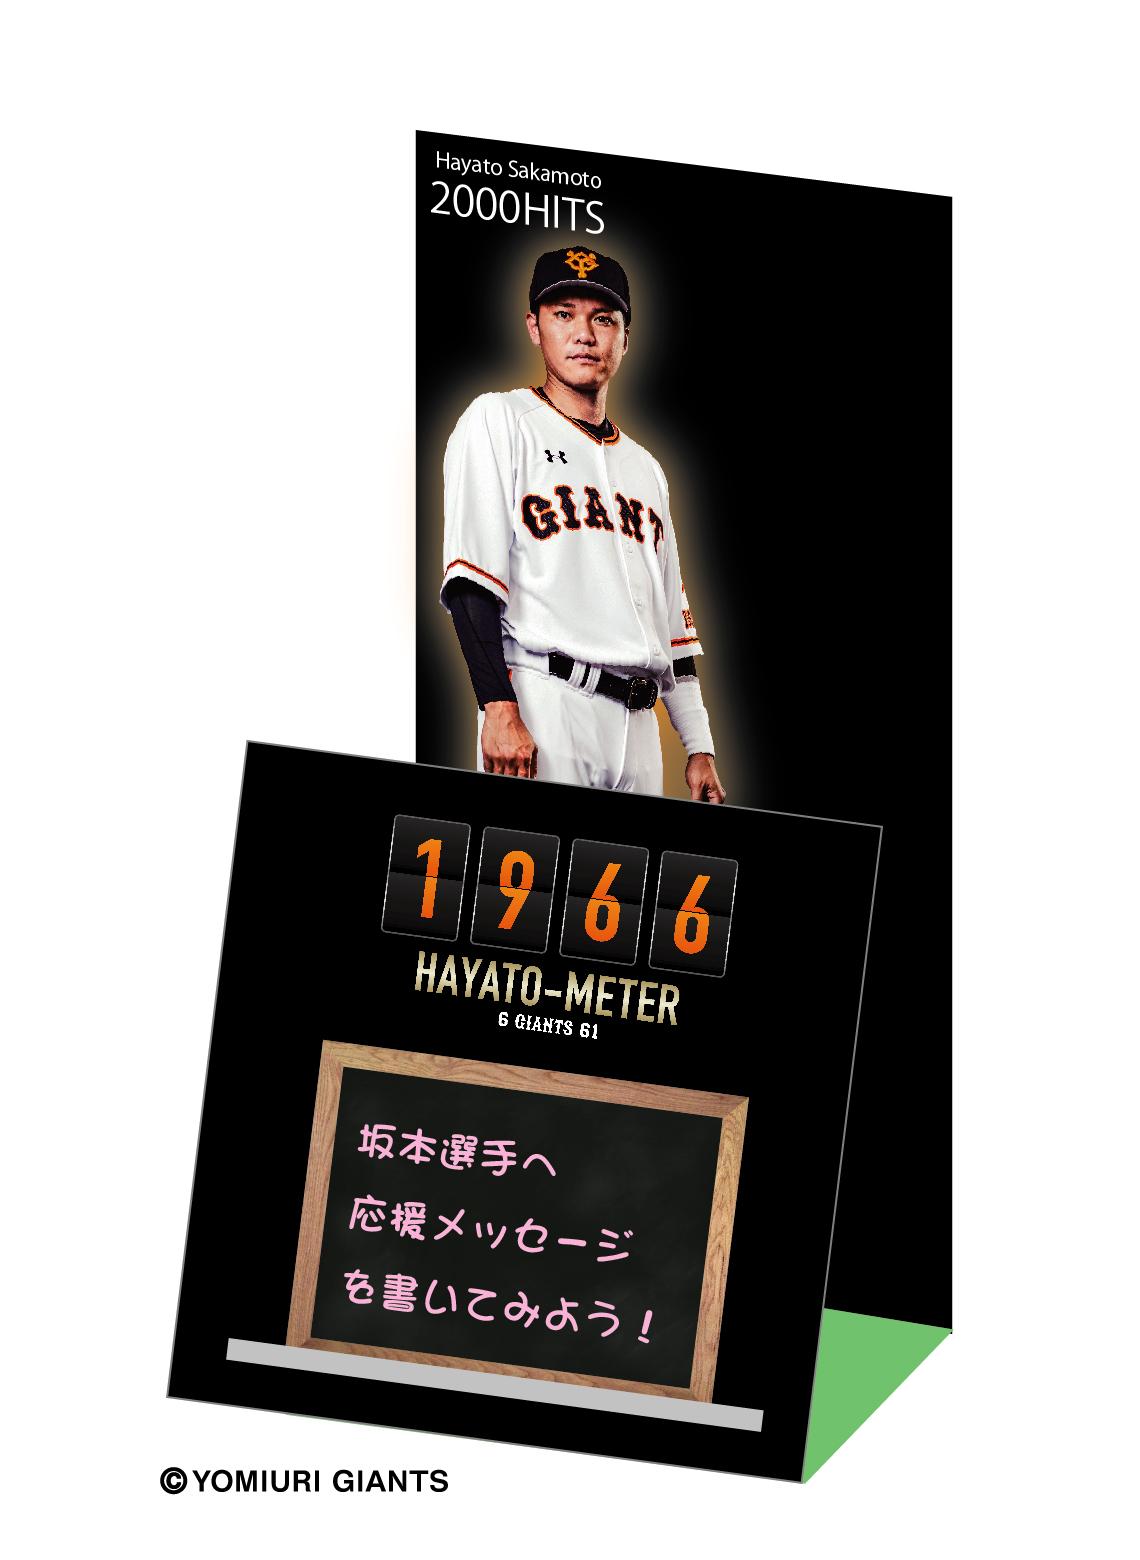 東京ドームに設置される「HAYATO-METER」付きフォトスポットのイメージ(球団提供)